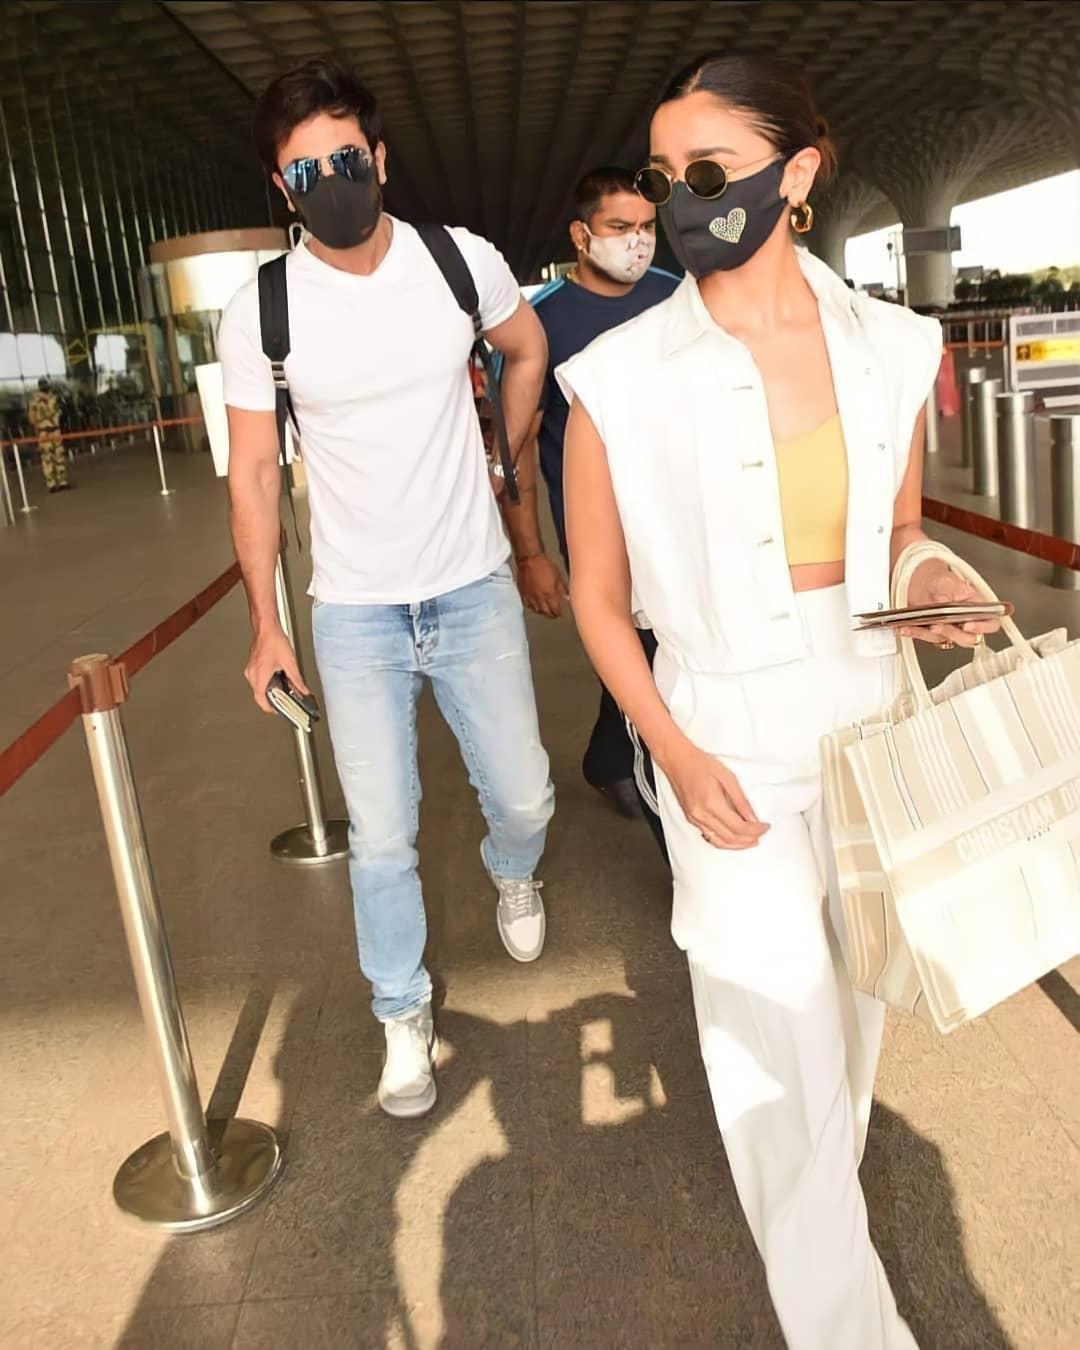 Tài tử Ranbir Kapoor khoe ảnh rời Ấn Độ cùng bạn gái bằng máy bay tư nhân vào 19/4, và vừa trở lại Mumbai vài ngày trước. Ảnh: Ranbir Kapoor